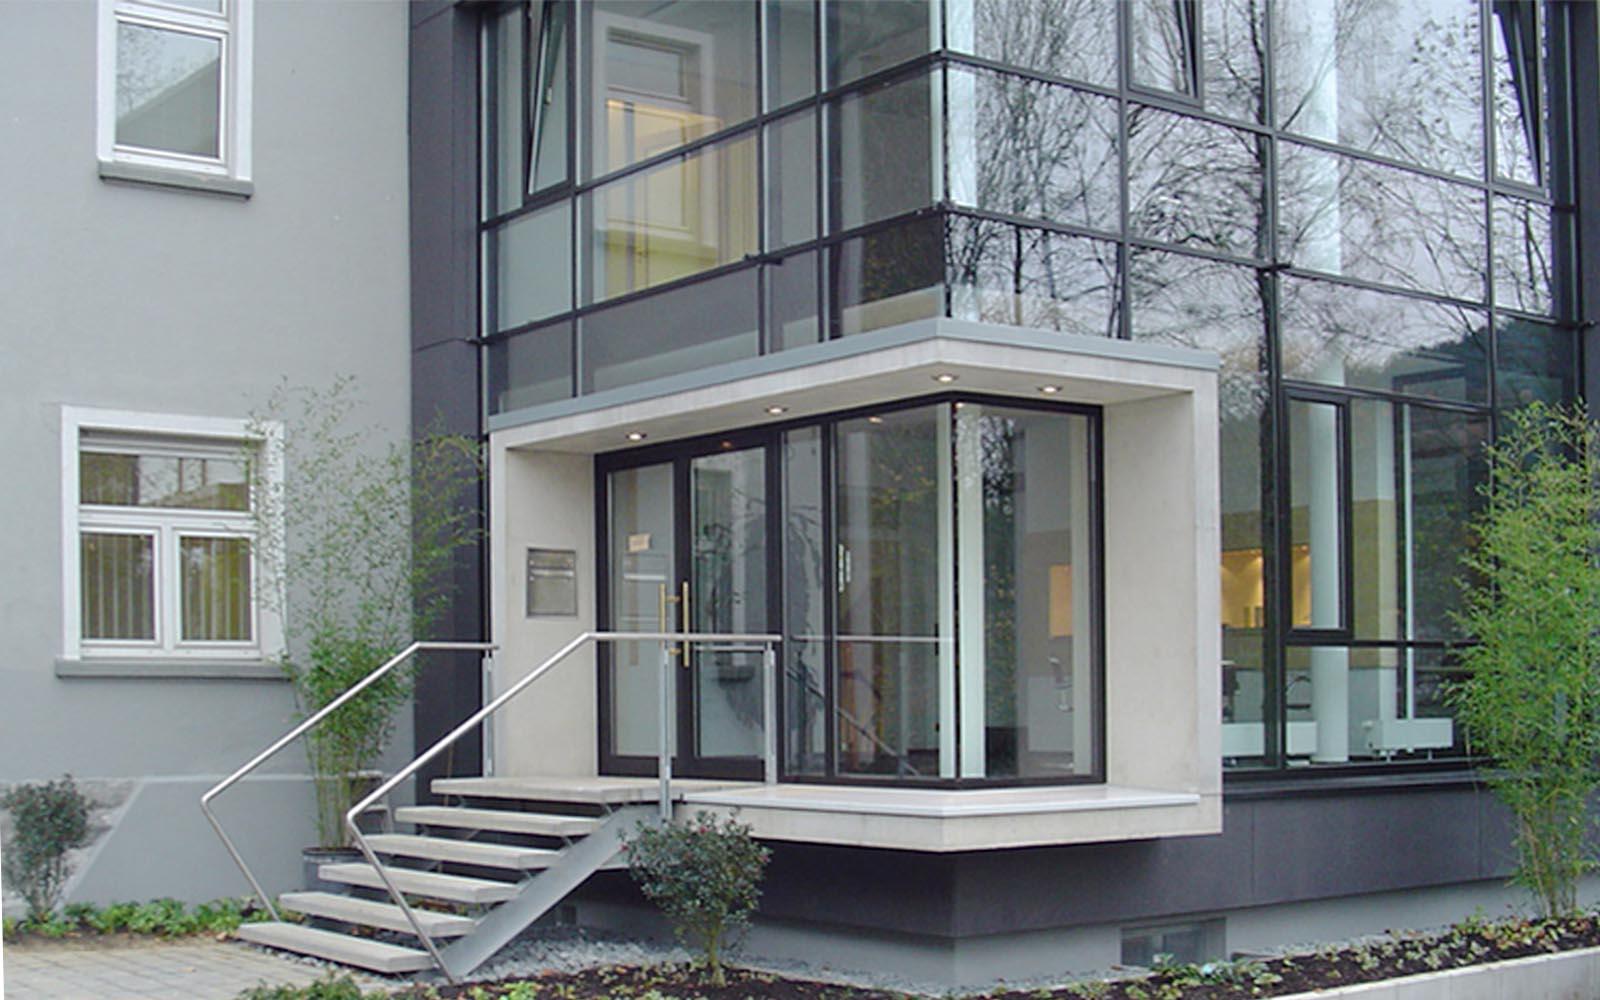 Messingwerk_SteinwegClausArchitekten_Buerogebäude_Anbau_Eckverglasung_Plettenberg_00003_Portal